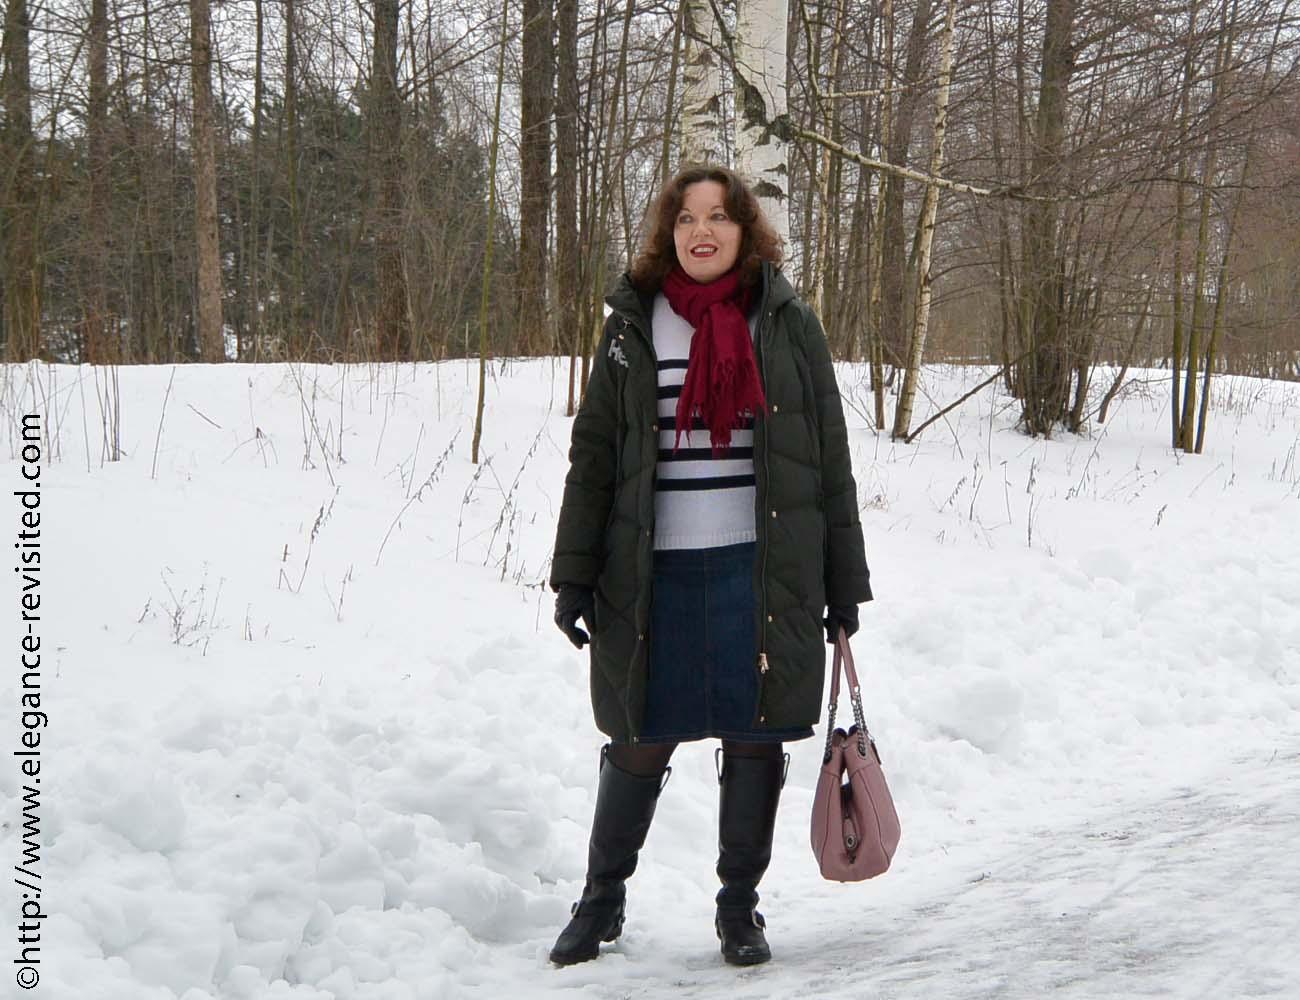 Breton stripes in winter